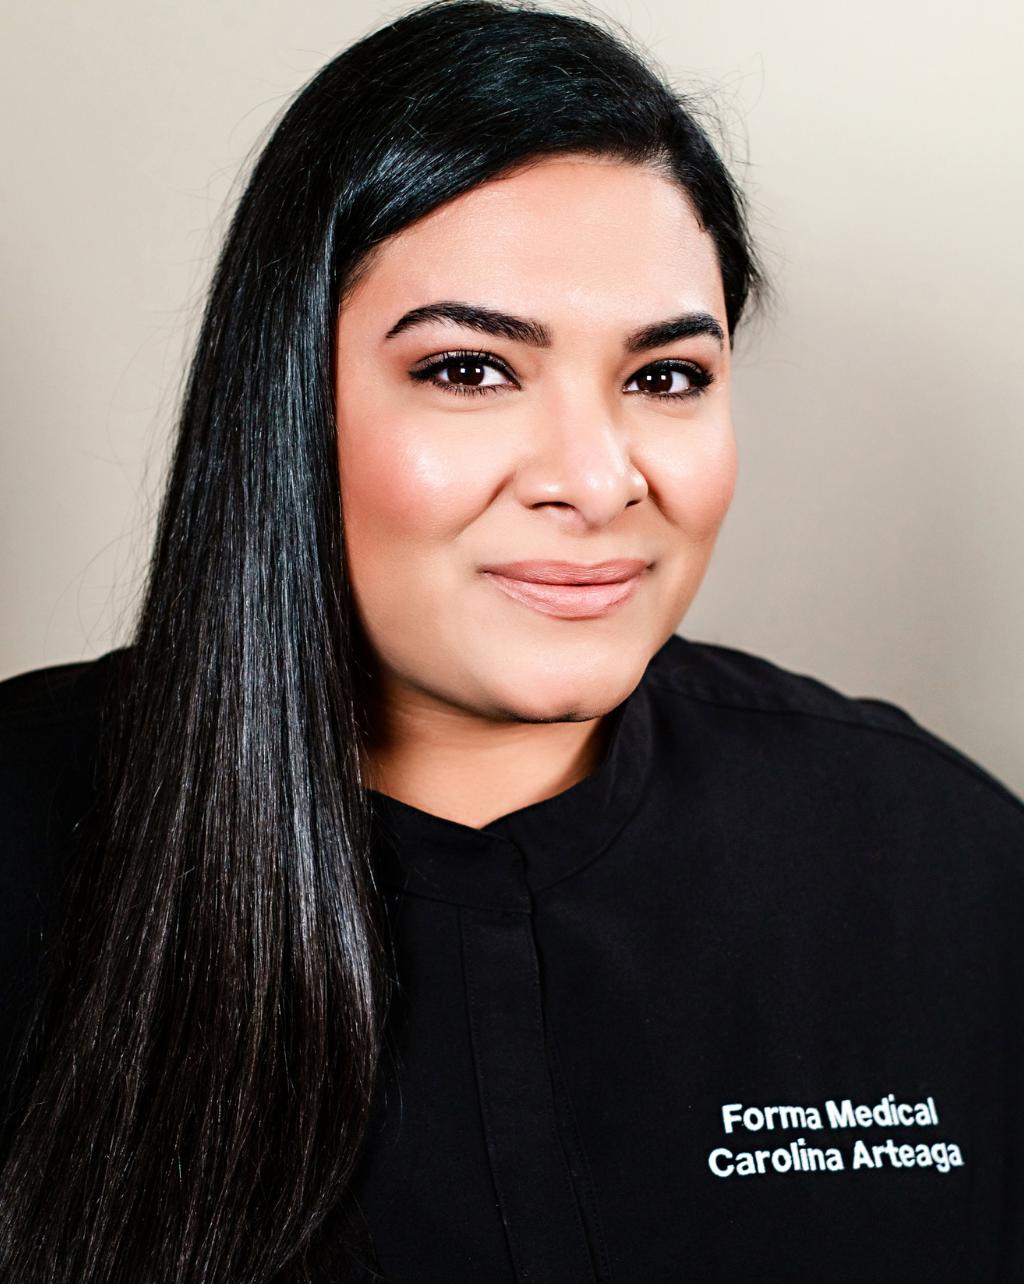 Carolina Artega | Roswell GA - Forma Medical Aesthetics